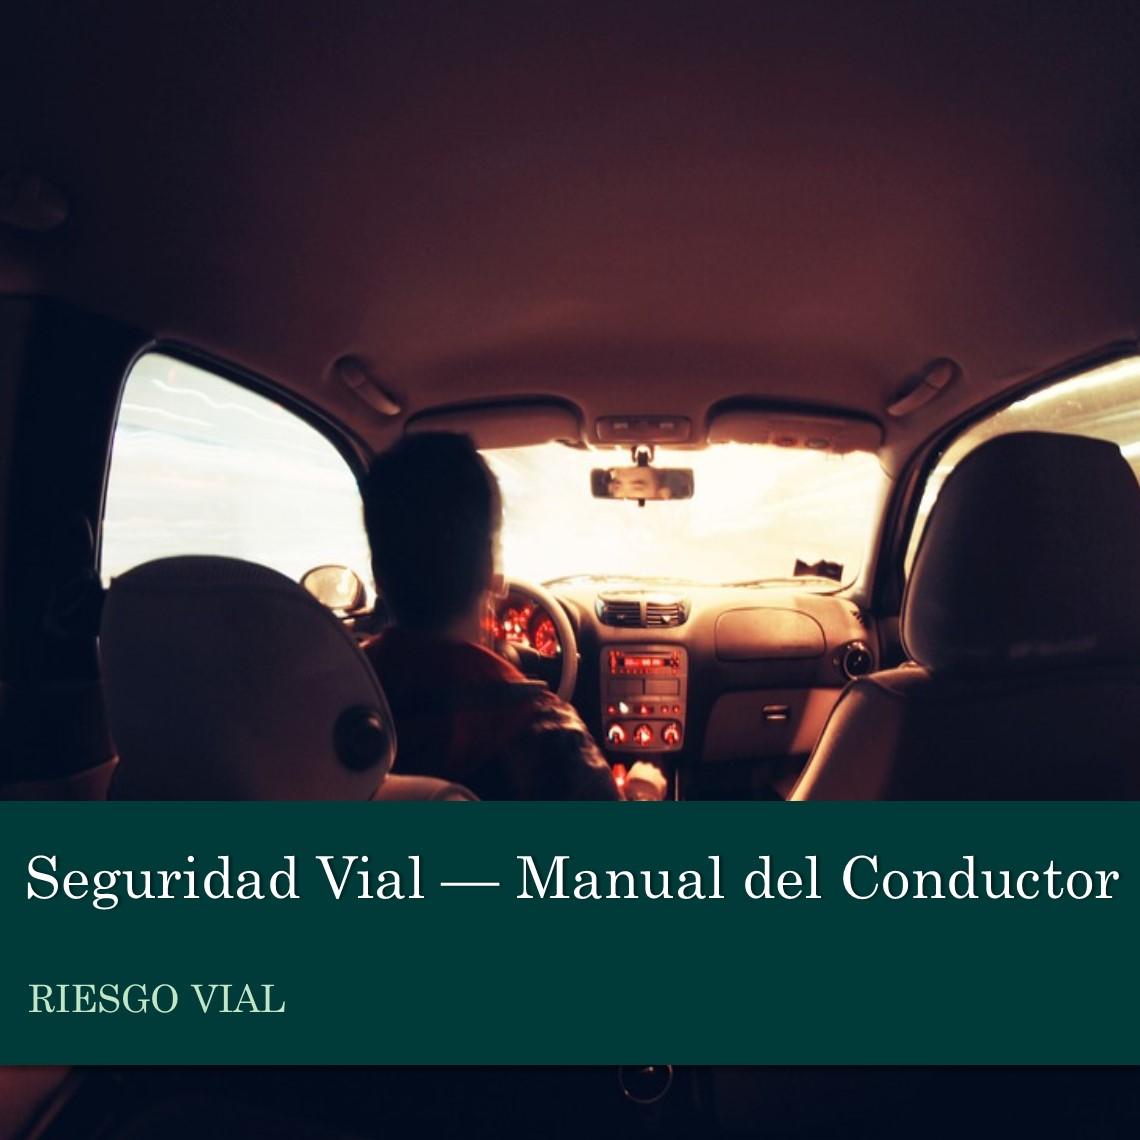 Seguridad Vial - Manual Conductor